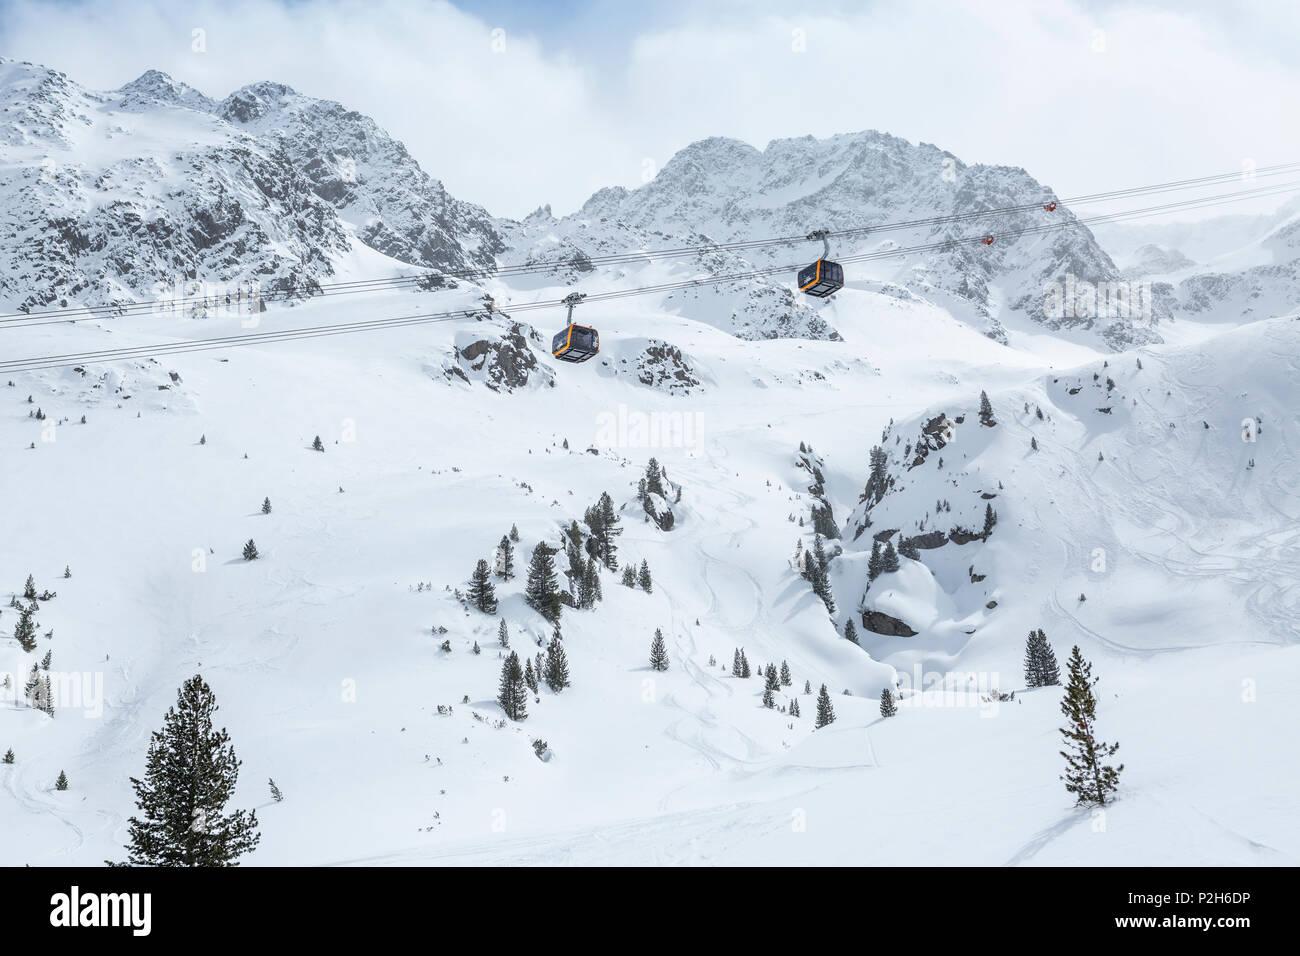 Des gondoles au téléphérique du glacier de Stubai resort avec les montagnes enneigées en toile de fond, Neustift im Stubaital, Alpes autrichiennes, Tyrol, Autriche Photo Stock